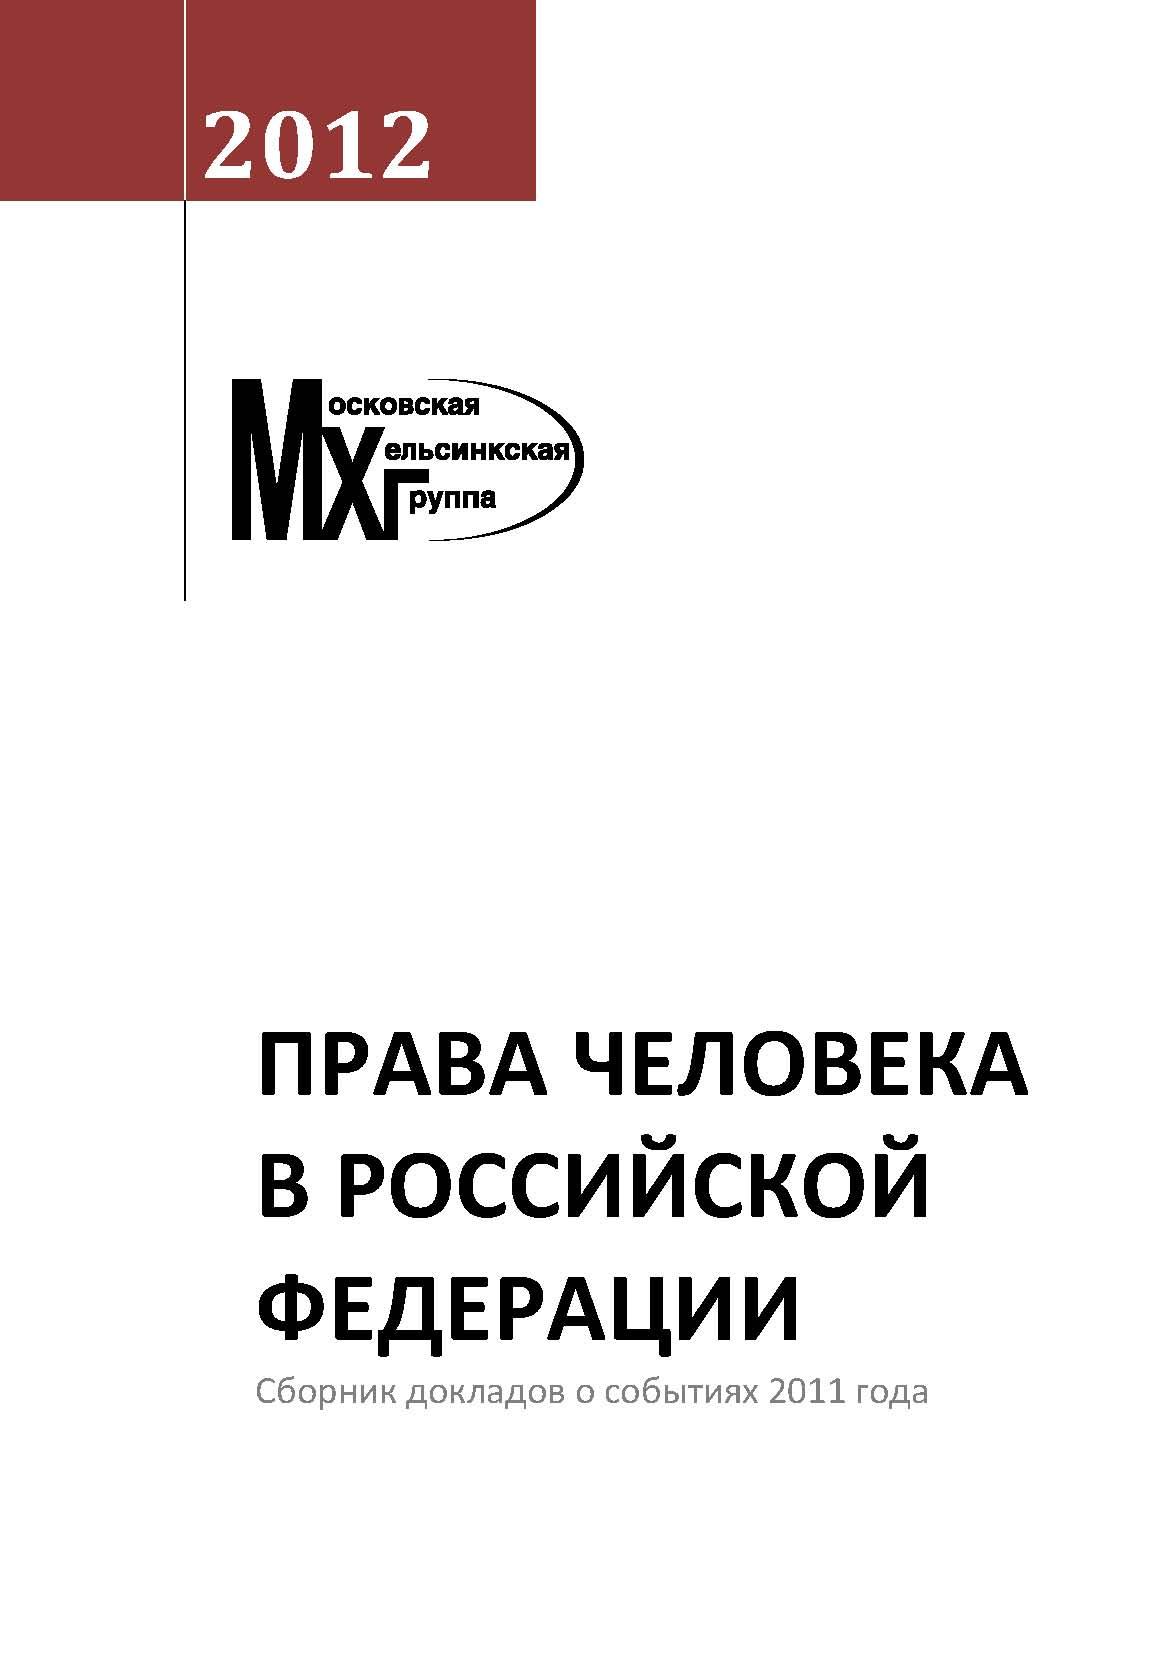 Права человека в Российской Федерации. Сборник докладов о событиях 2011 года